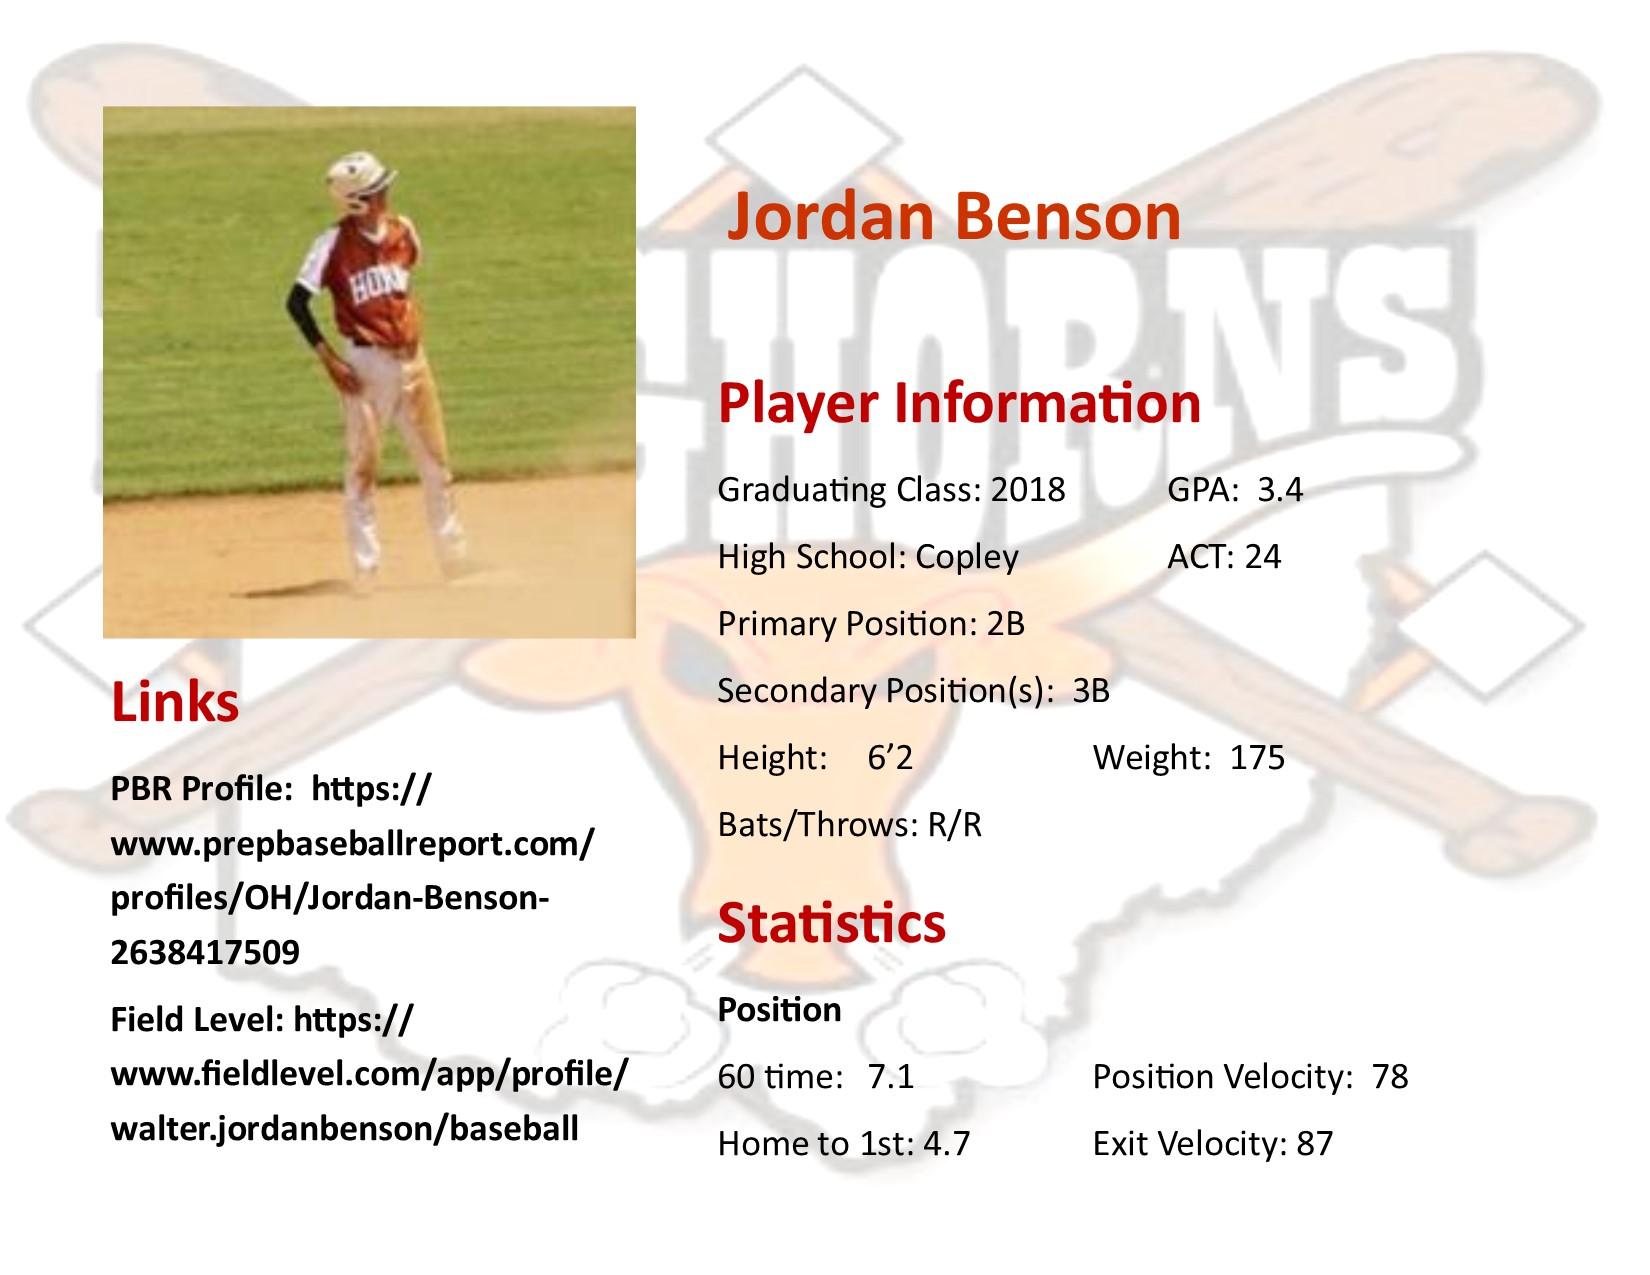 Jordan Benson